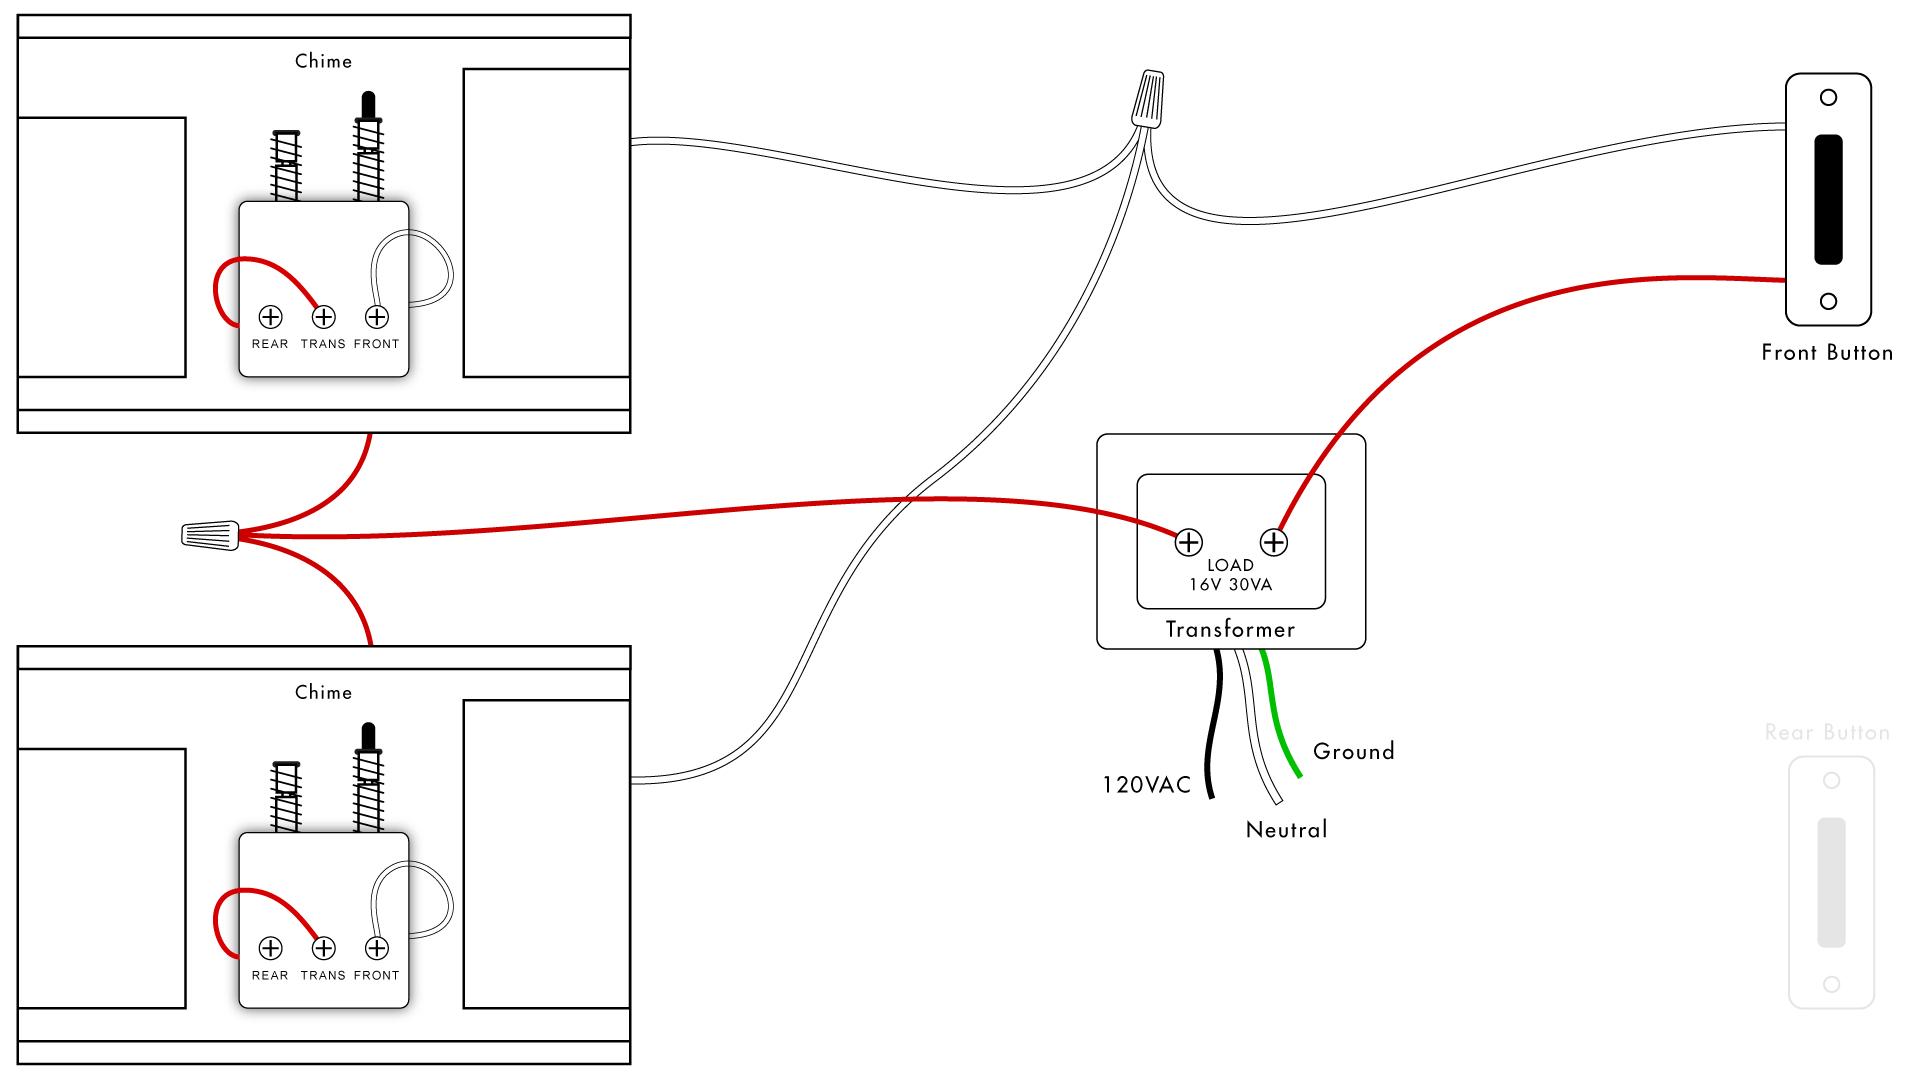 Doorbell Wiring Diagrams | Diy House Help - Doorbell Wiring Diagram Tutorial